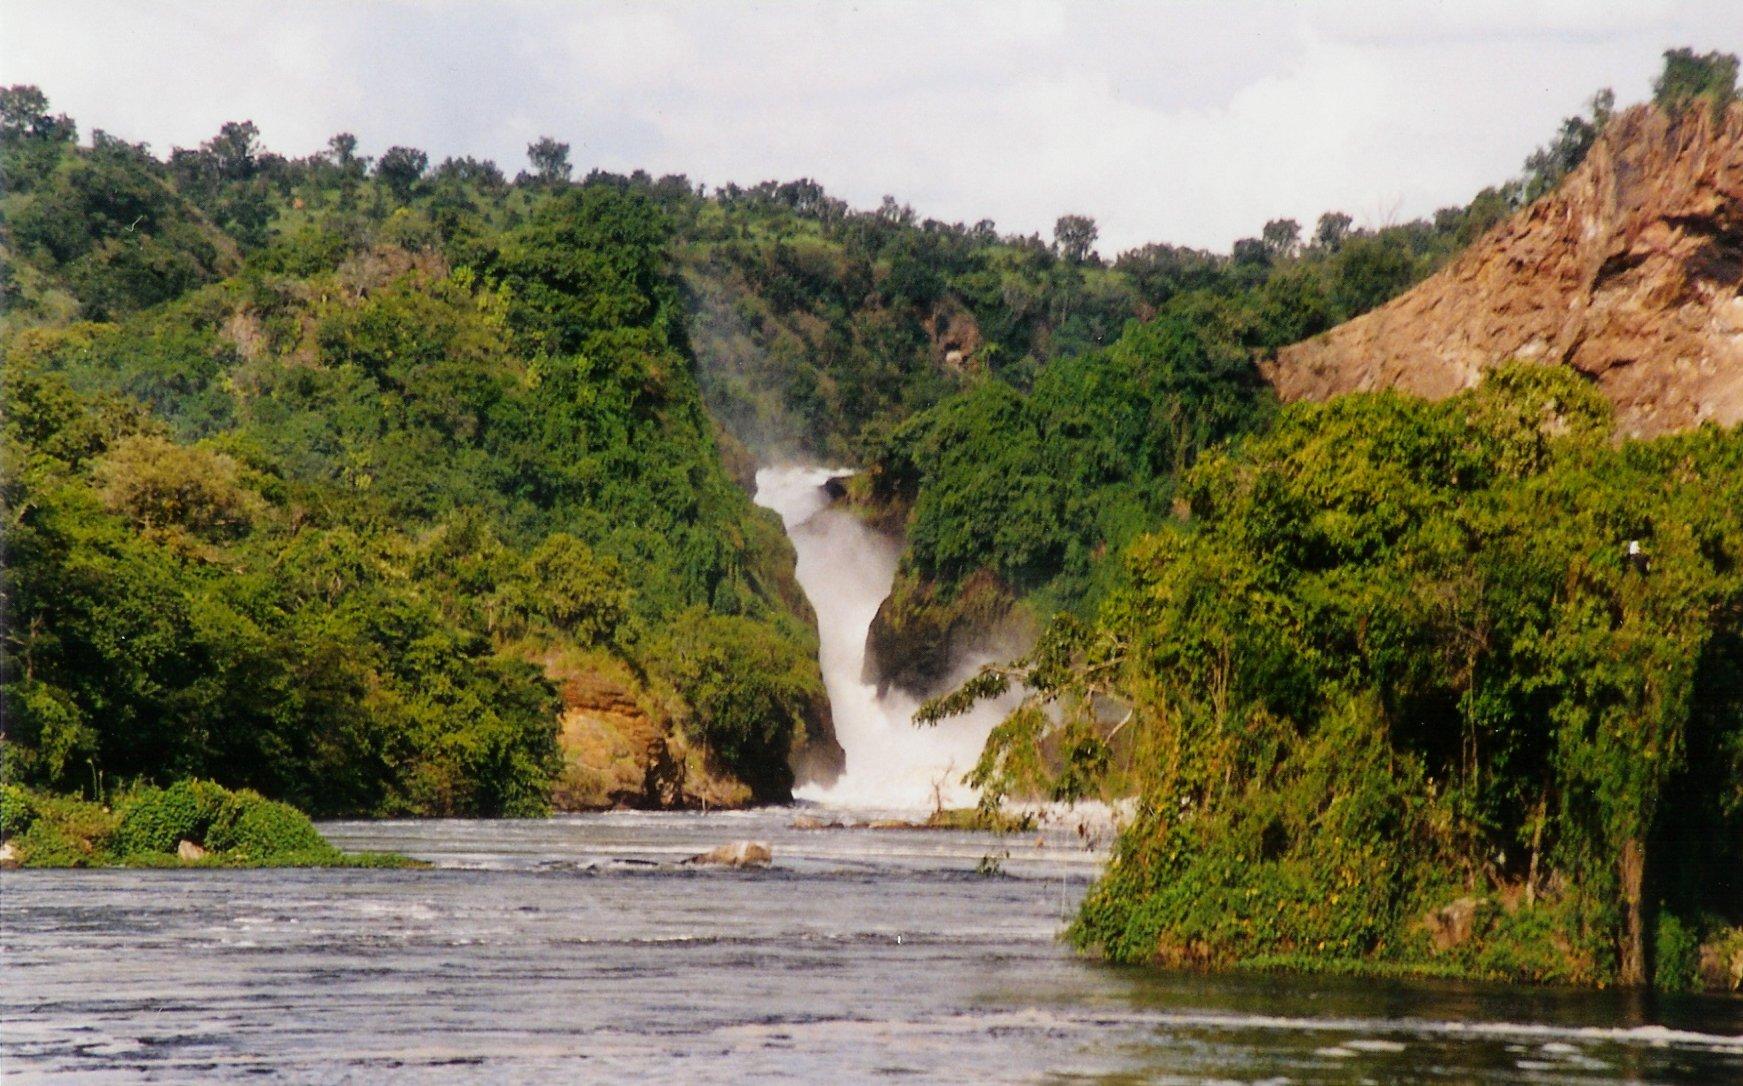 Aree protette africane: Il Murchinson Falls National Park è il parco nazionale più vasto dell'Uganda.